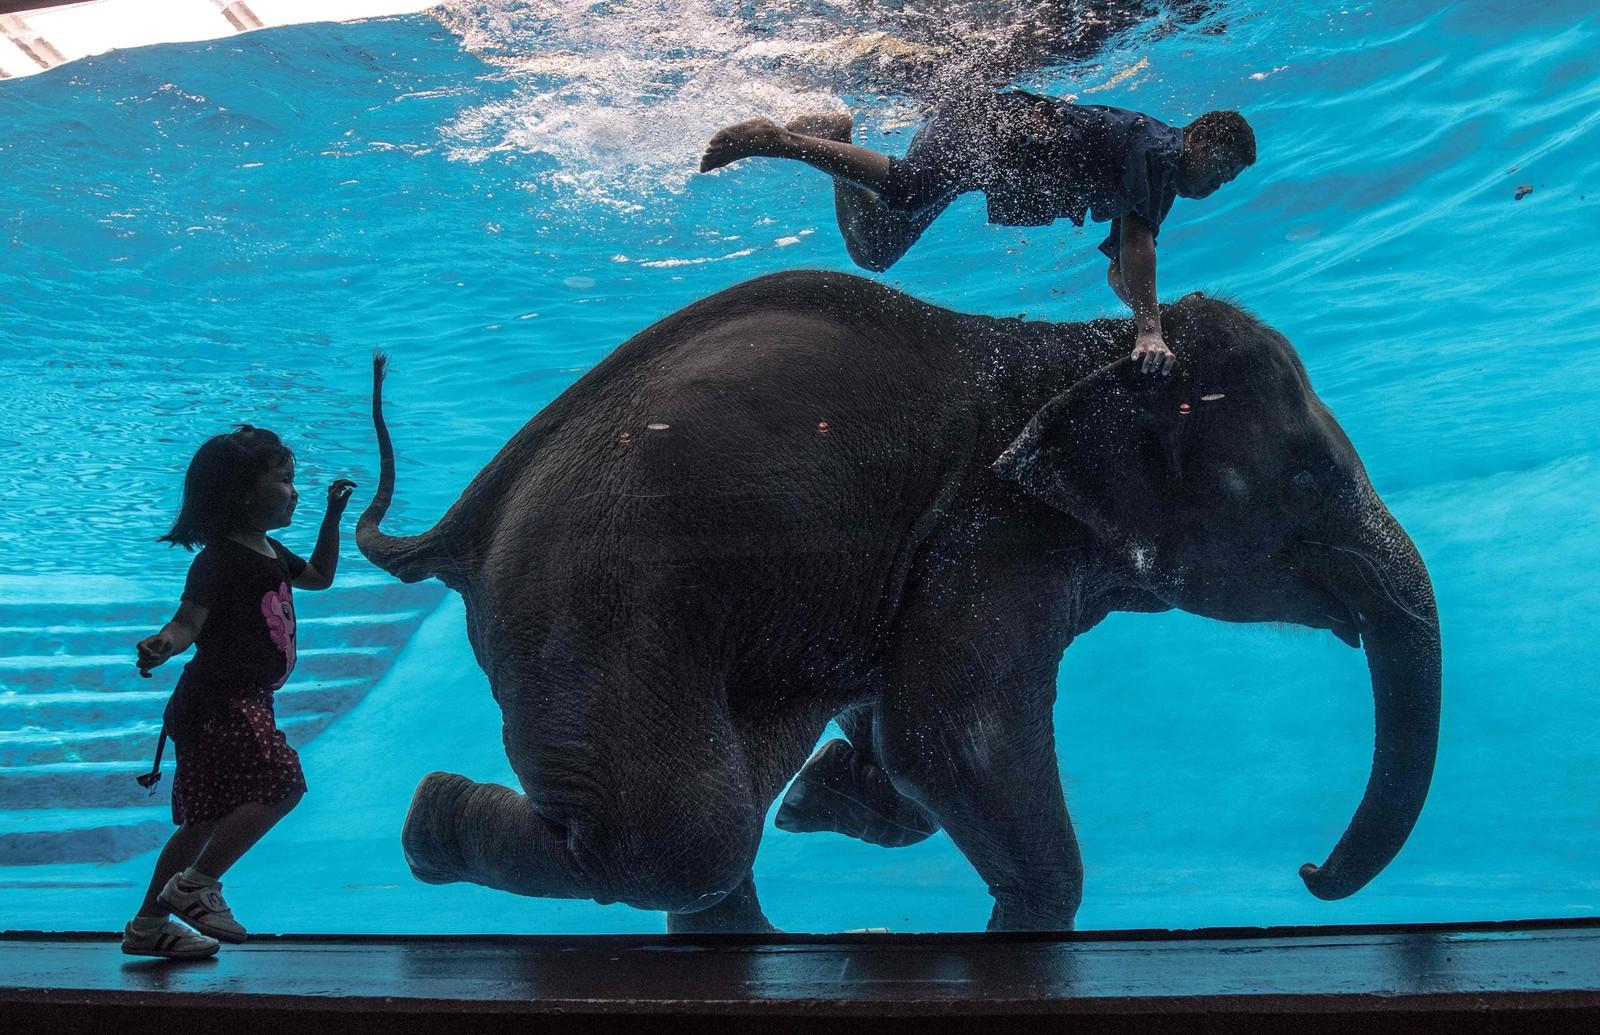 Elefanten i bassenget, åtte år gamle Saen Dao, opptrer i dyrehagen Khao Kheow Open Zoo i Chonburi sør for Bangkok.